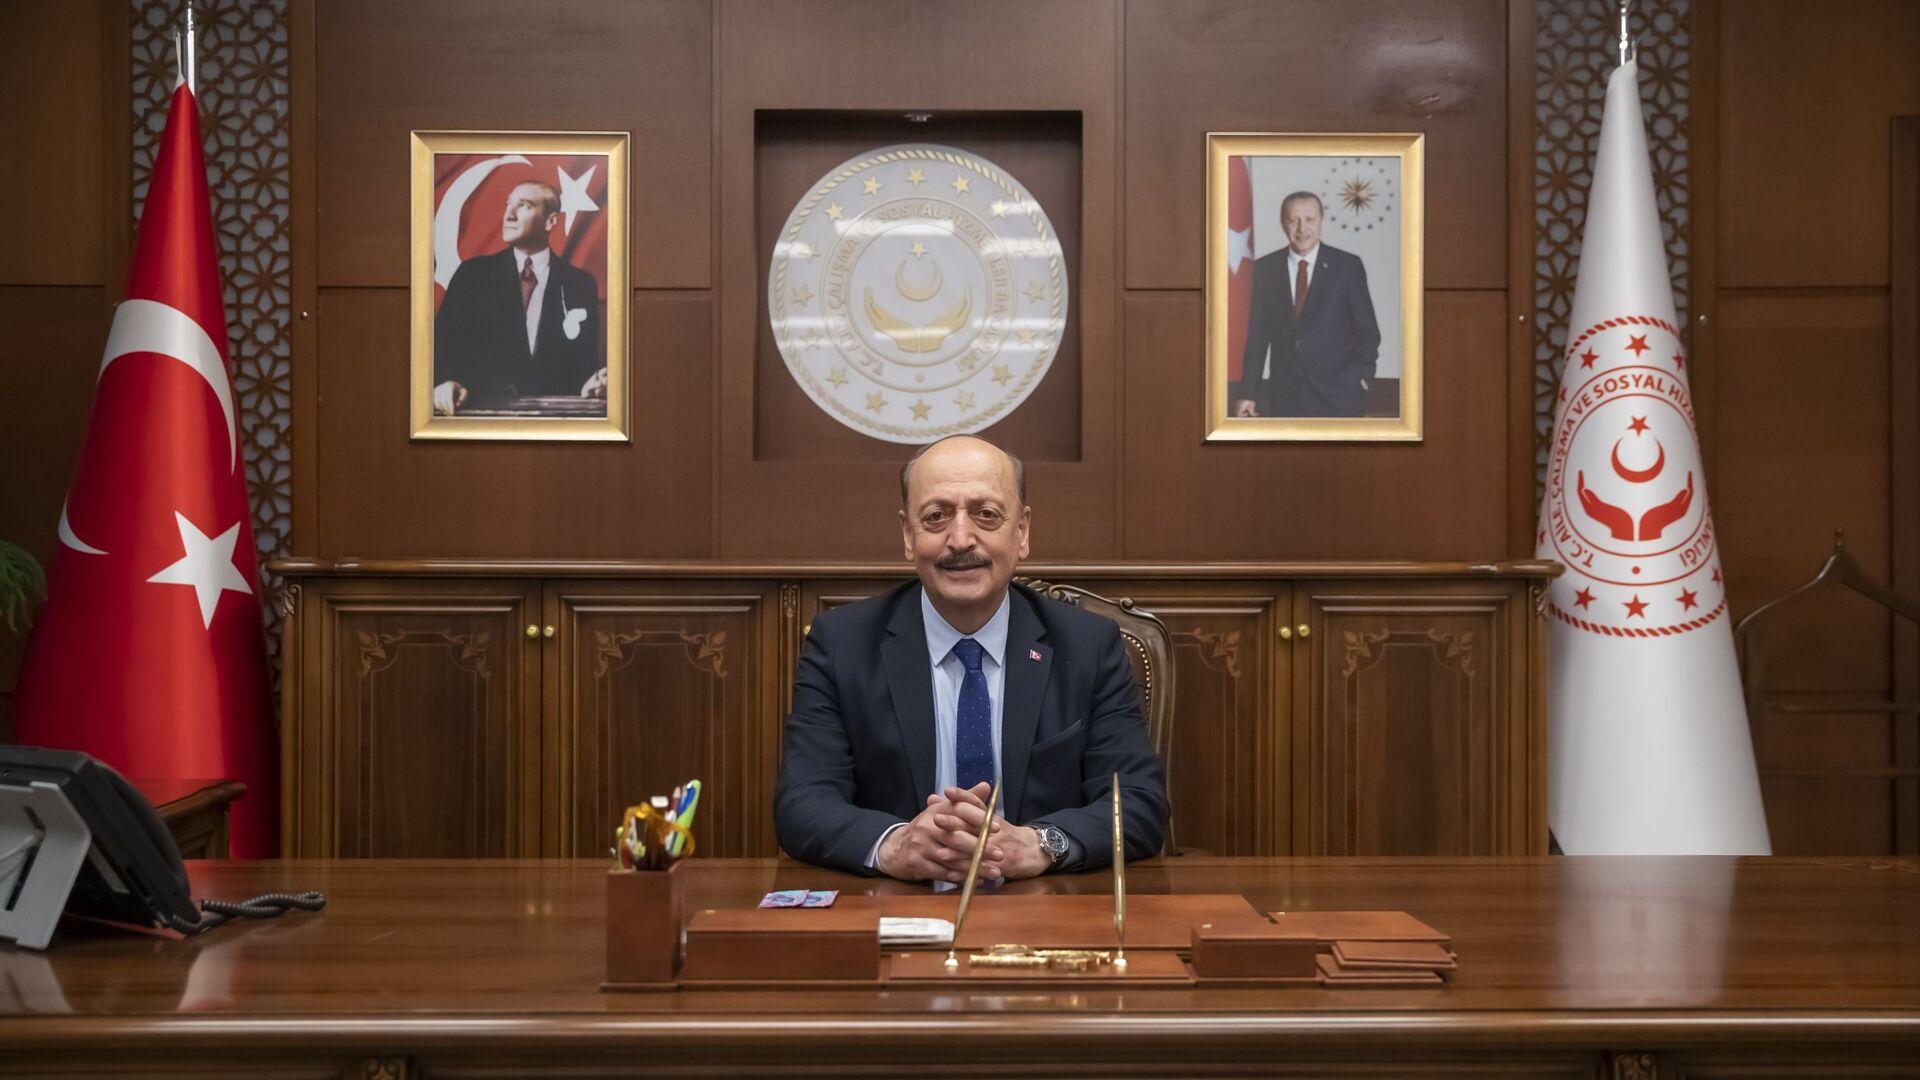 Çalışma ve Sosyal Güvenlik Bakanı Vedat Bilgin - Sputnik Türkiye, 1920, 23.04.2021